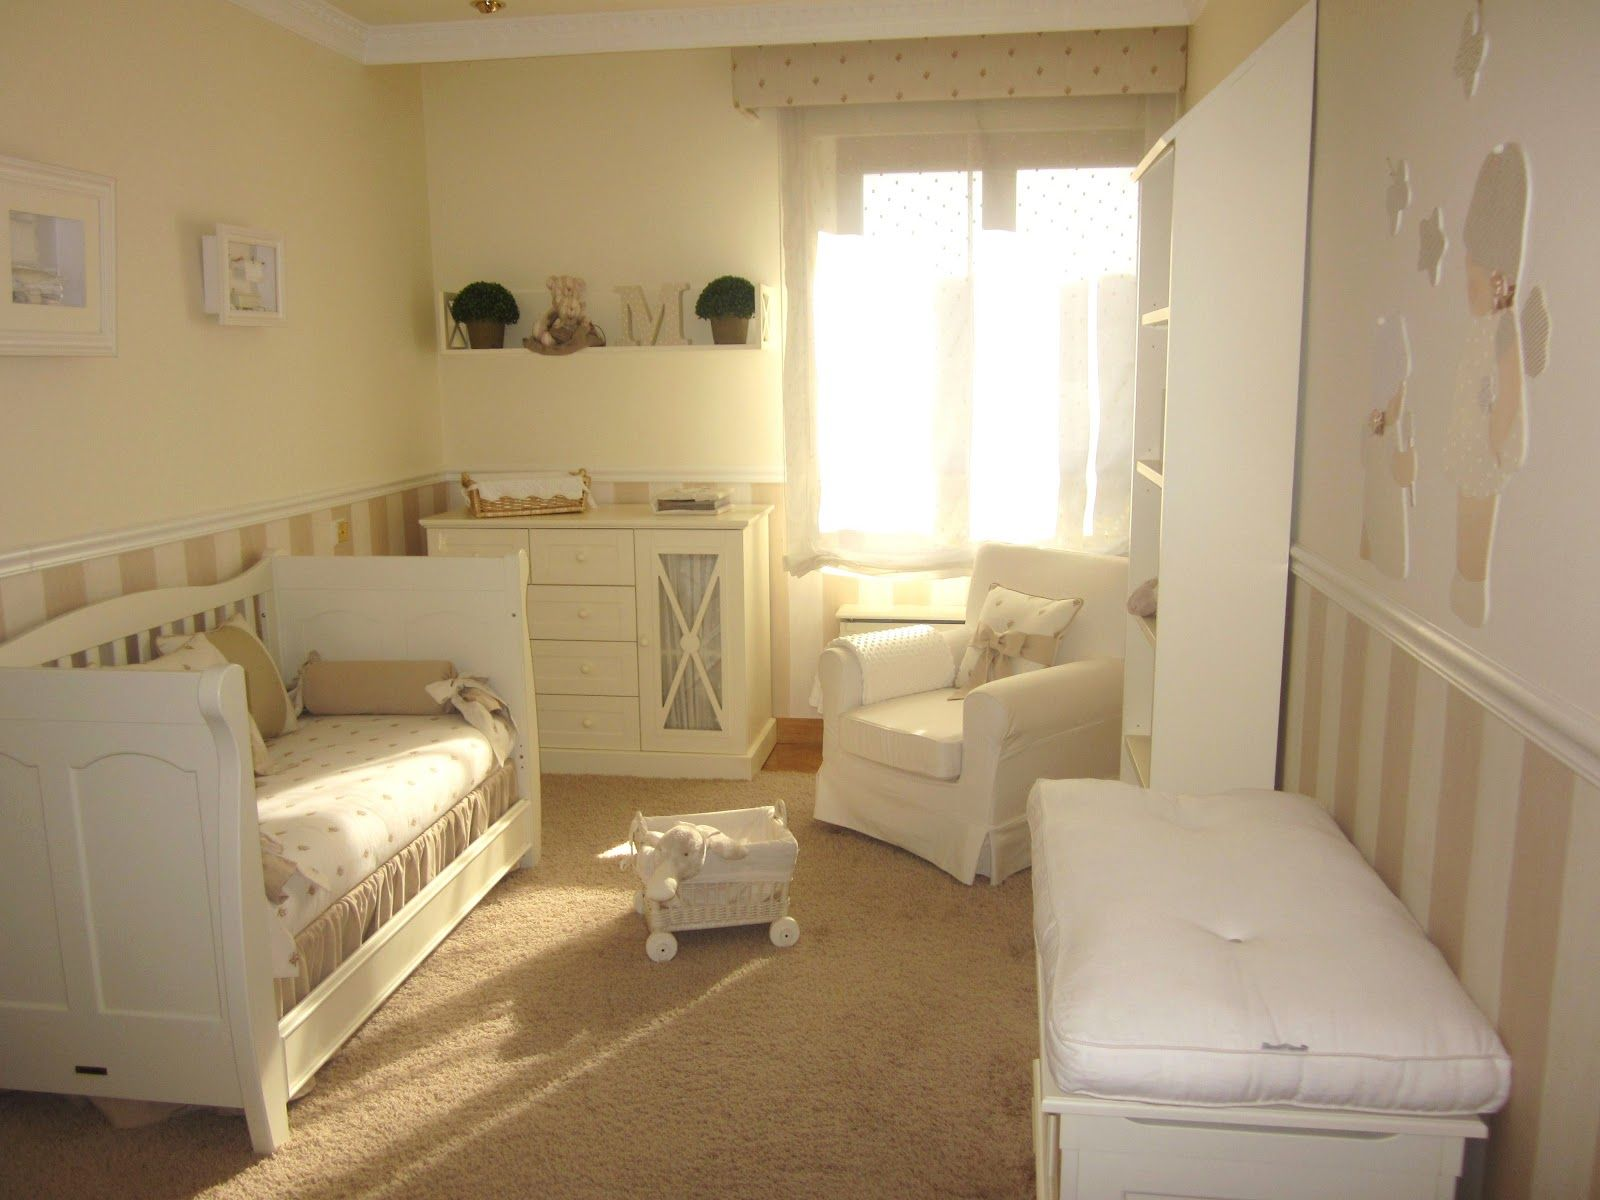 Habitacion ni o beige buscar con google casa pinterest habitacion bebe ni a bebe y - Estores para habitacion bebe ...